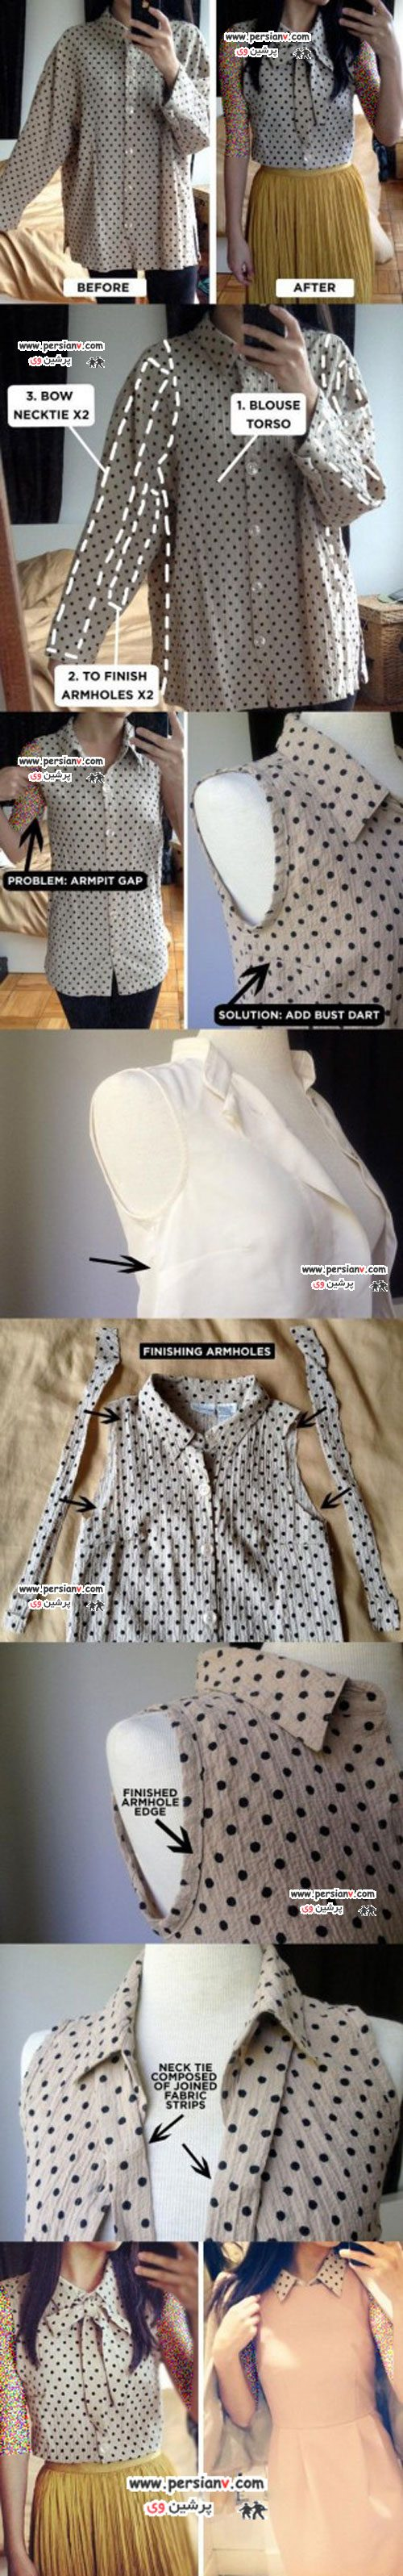 لباس های ساده